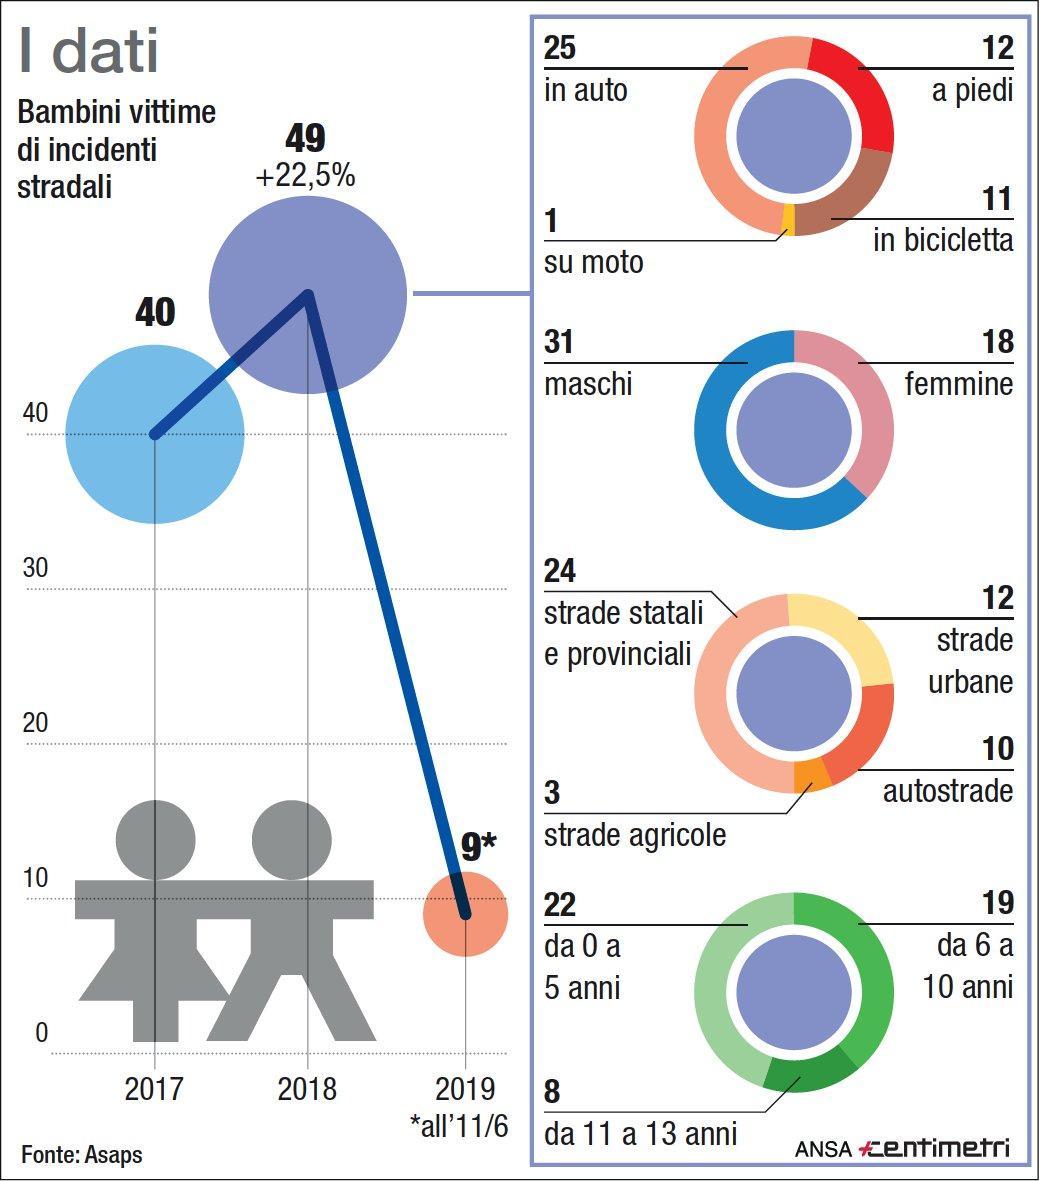 Bimbi vittime di incidenti stradali: i dati